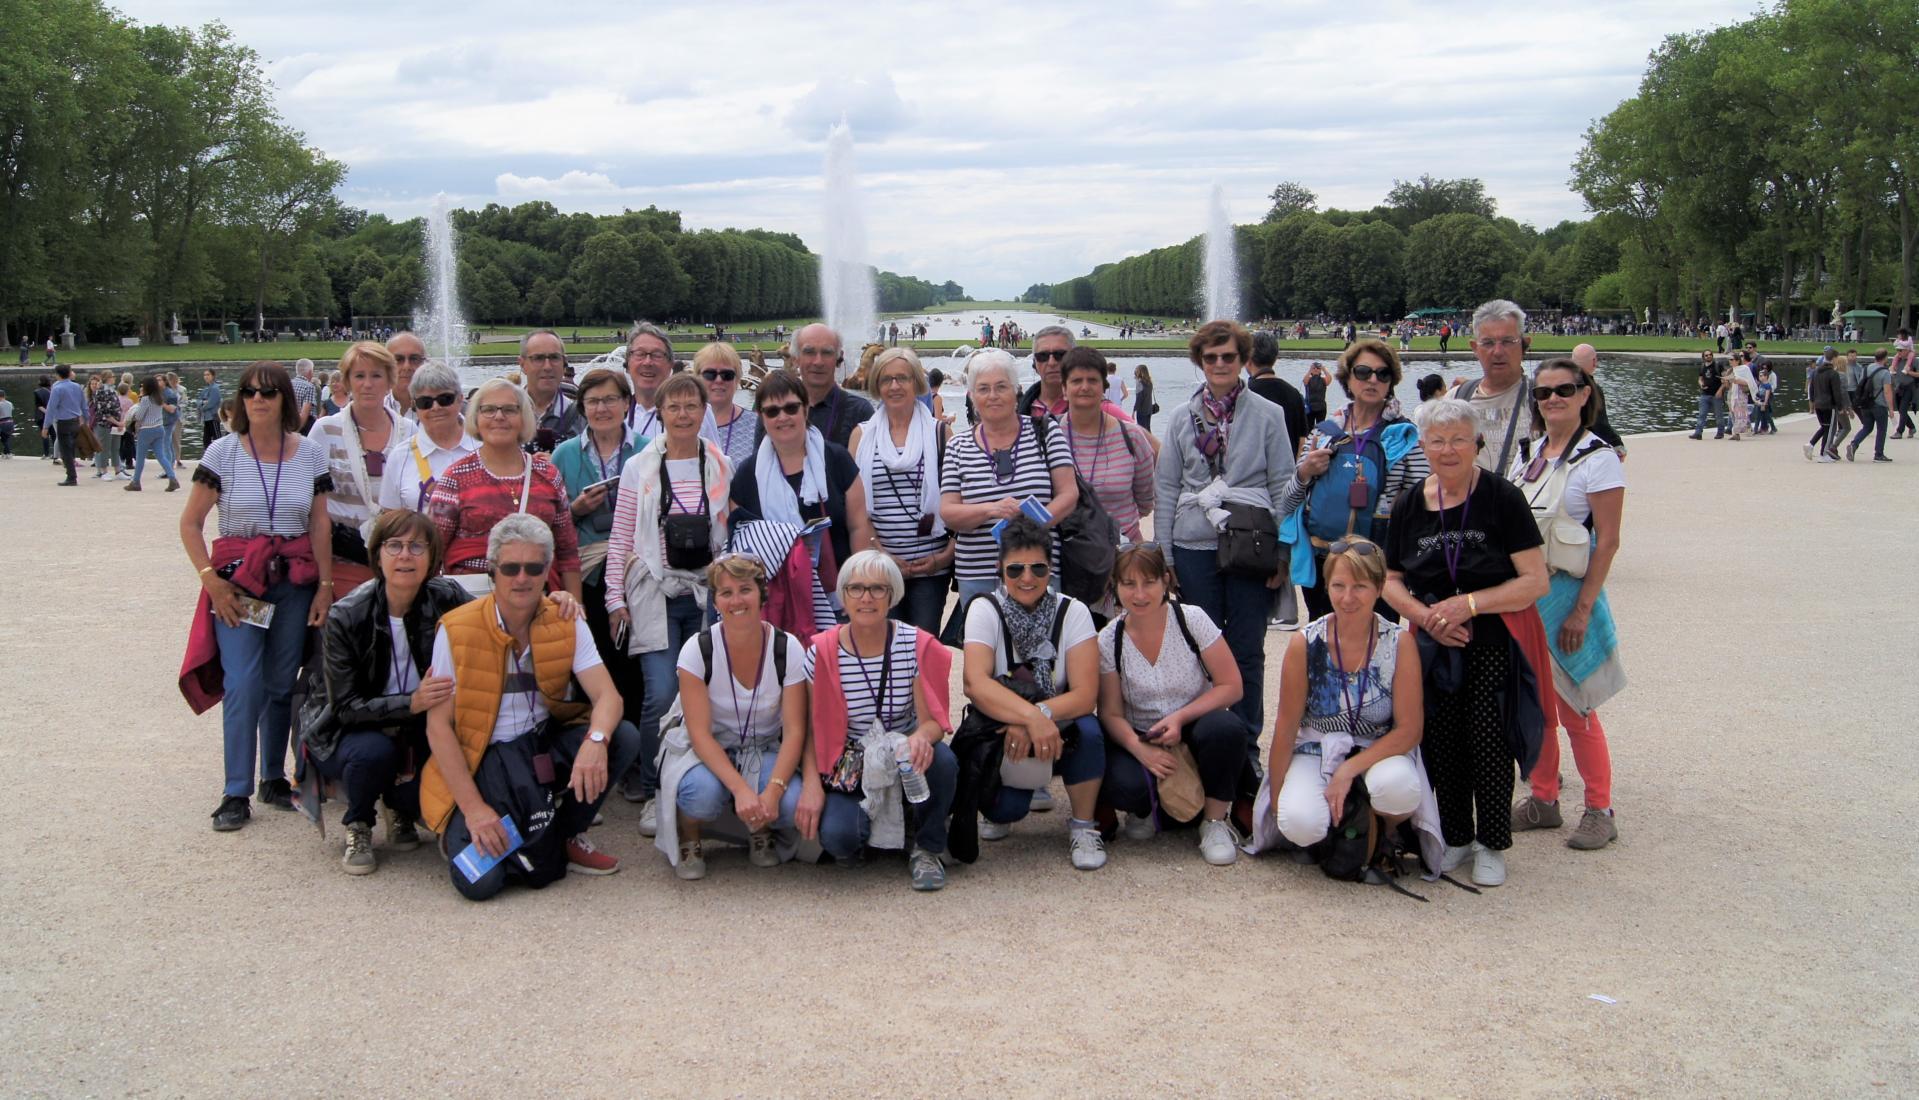 Le groupe au chataeu de Versailles